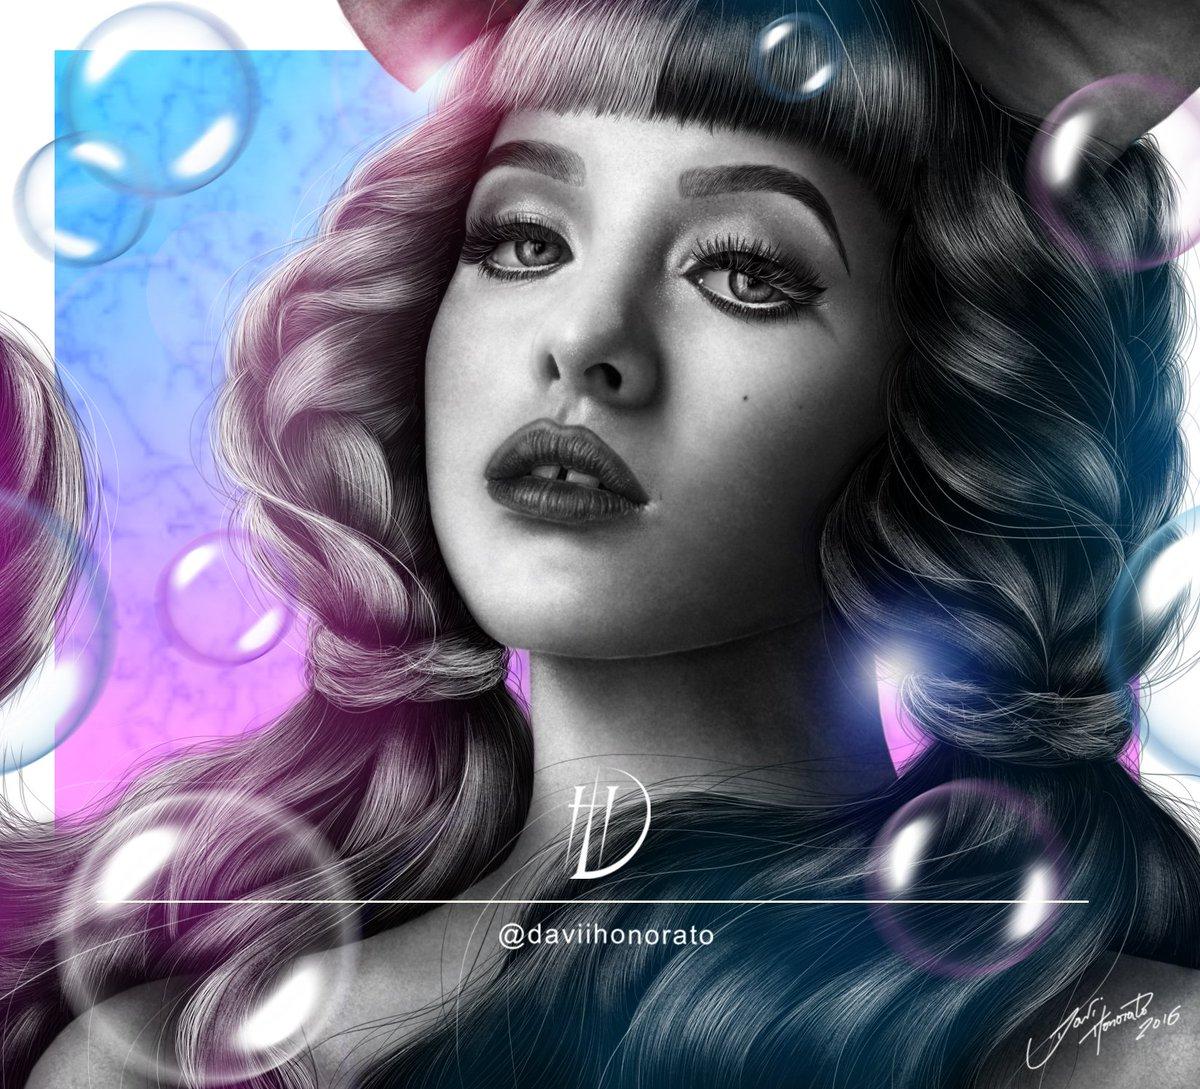 Davii Honorato On Twitter Desenho Da Melanie Martinez